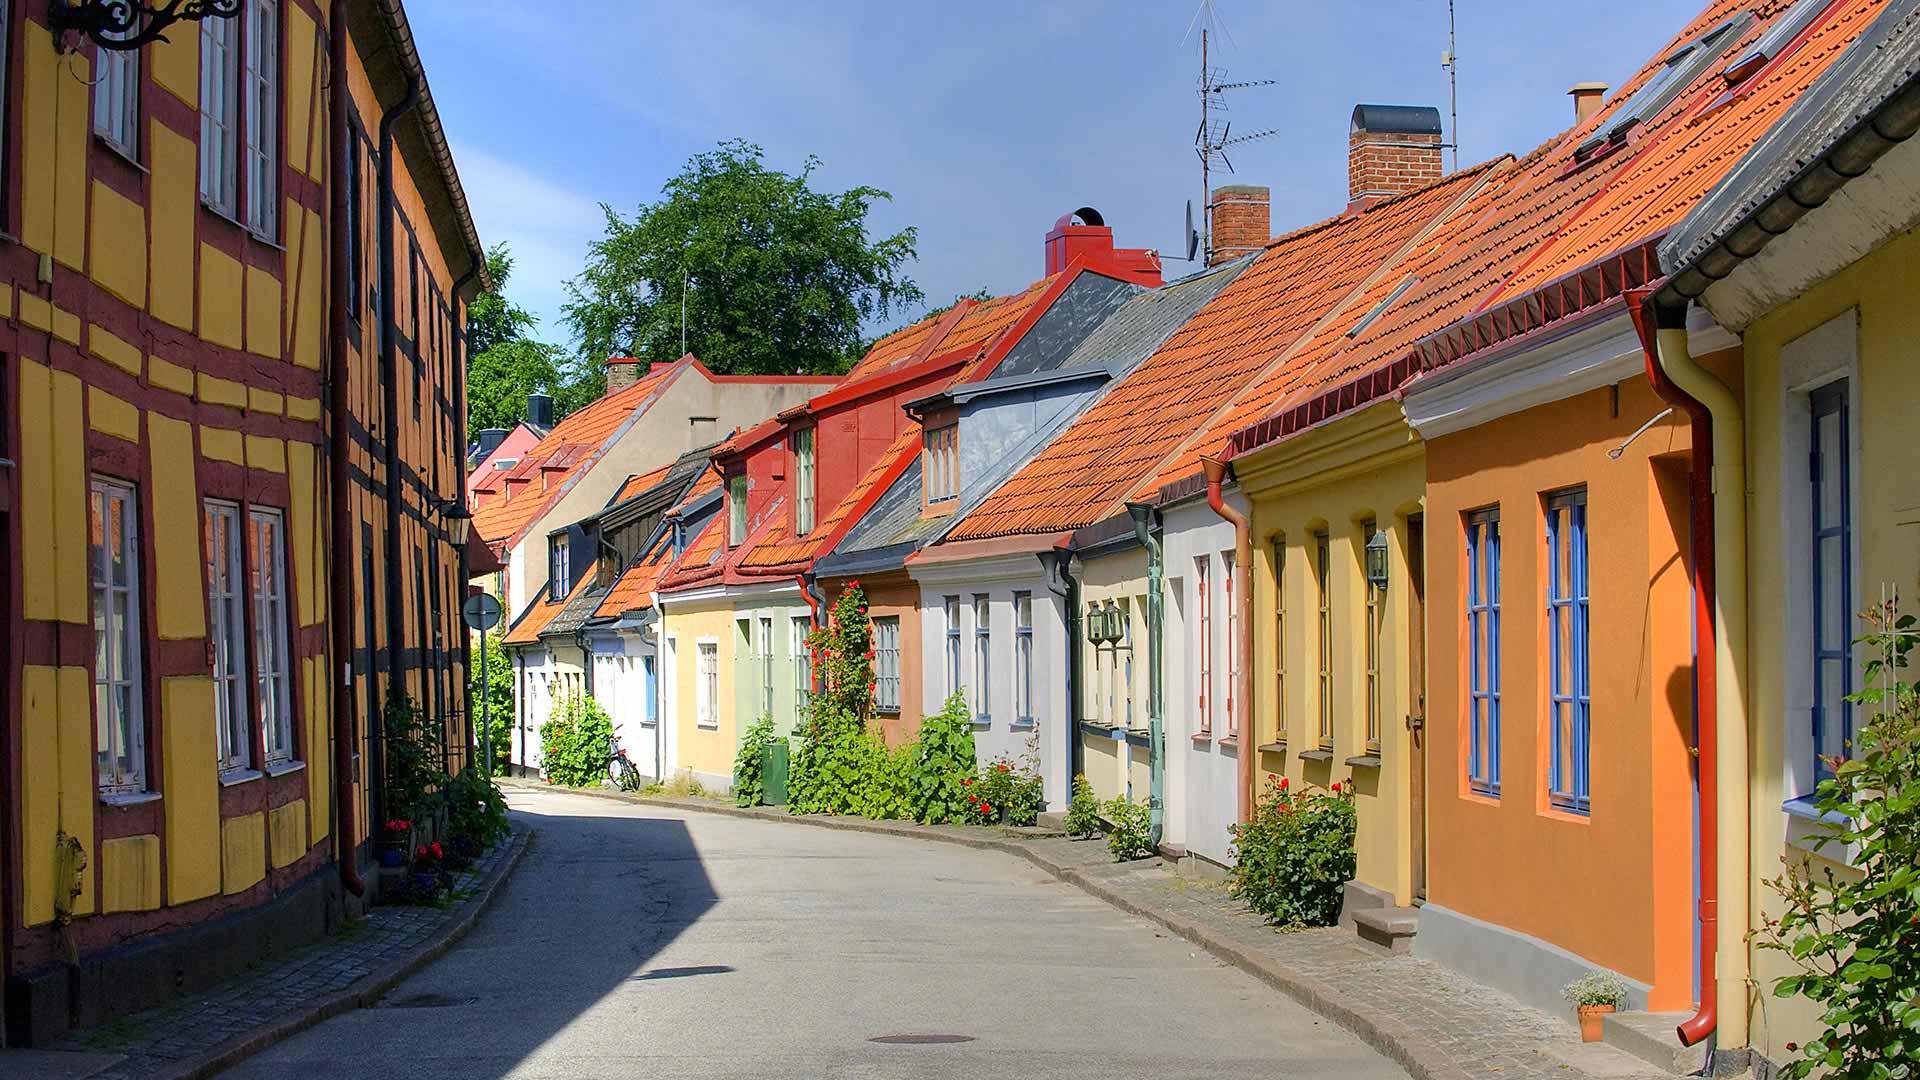 dejting i finland Ystad